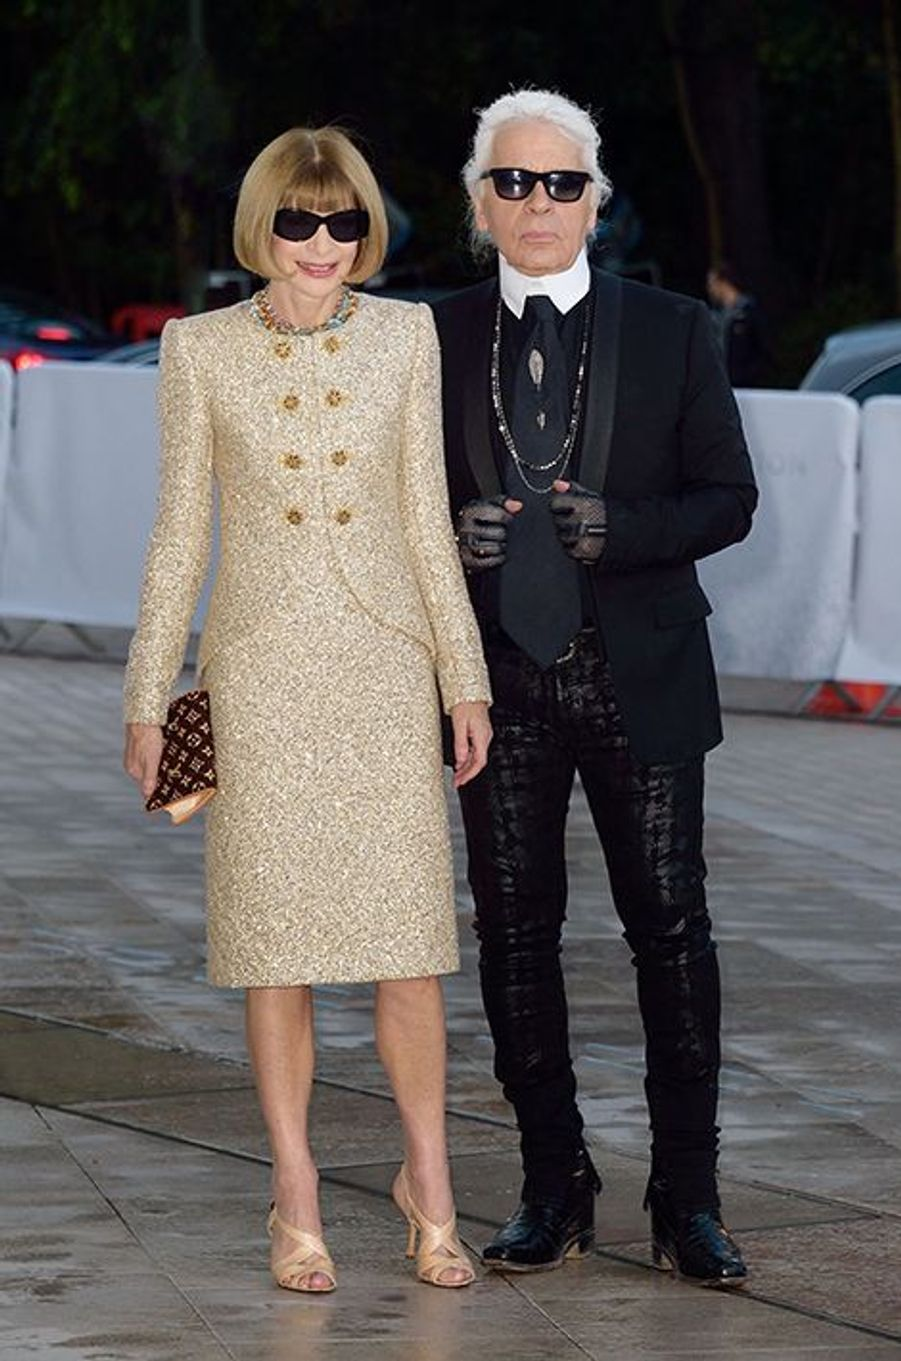 Anna Wintour et Karl Lagerfeld à l'inauguration de la Fondation Louis Vuitton le 20 octobre 2014 à Paris